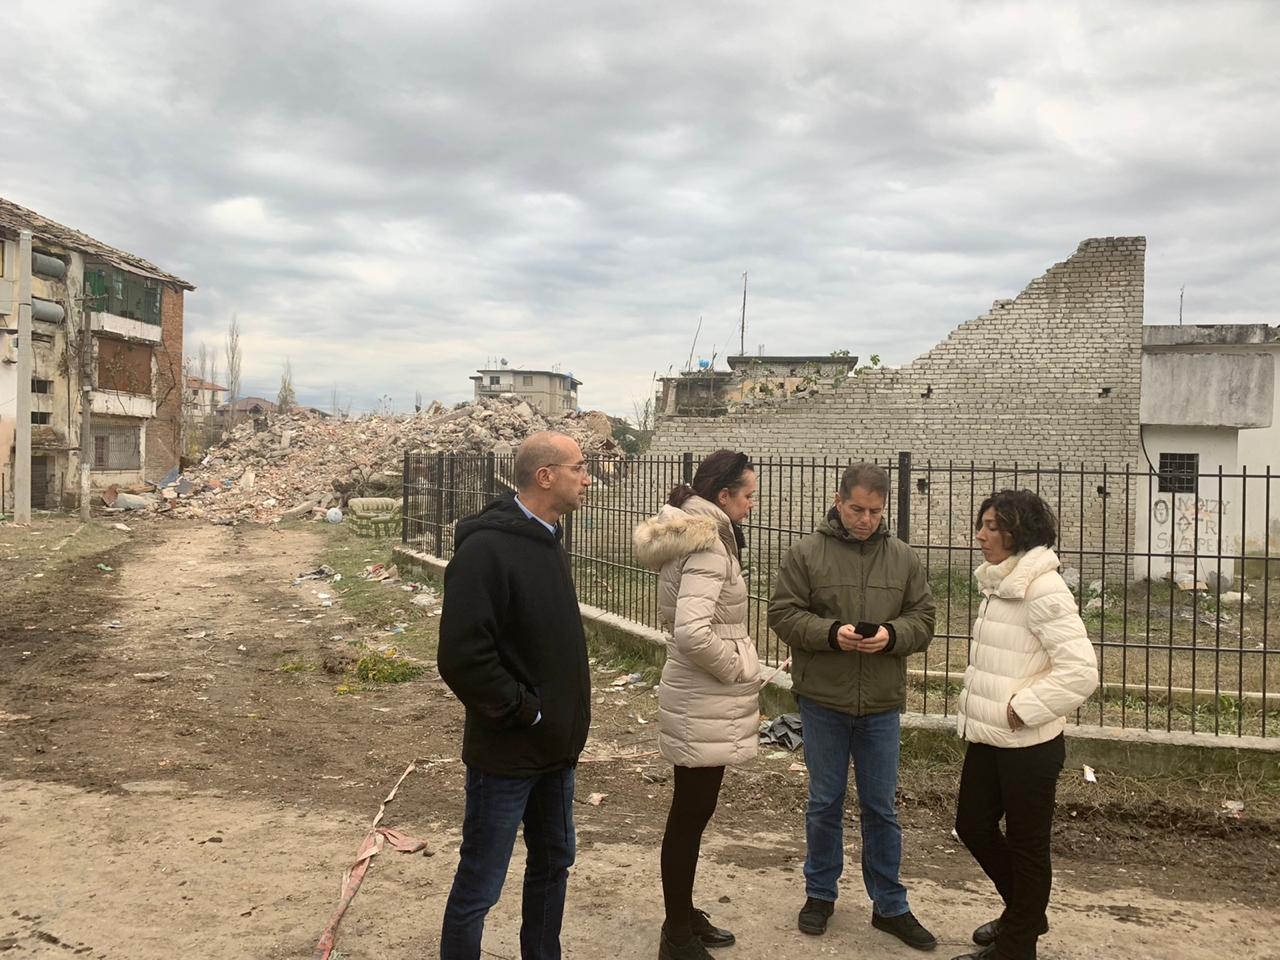 Sanità-di-frontiera-terremoto-albania (1)